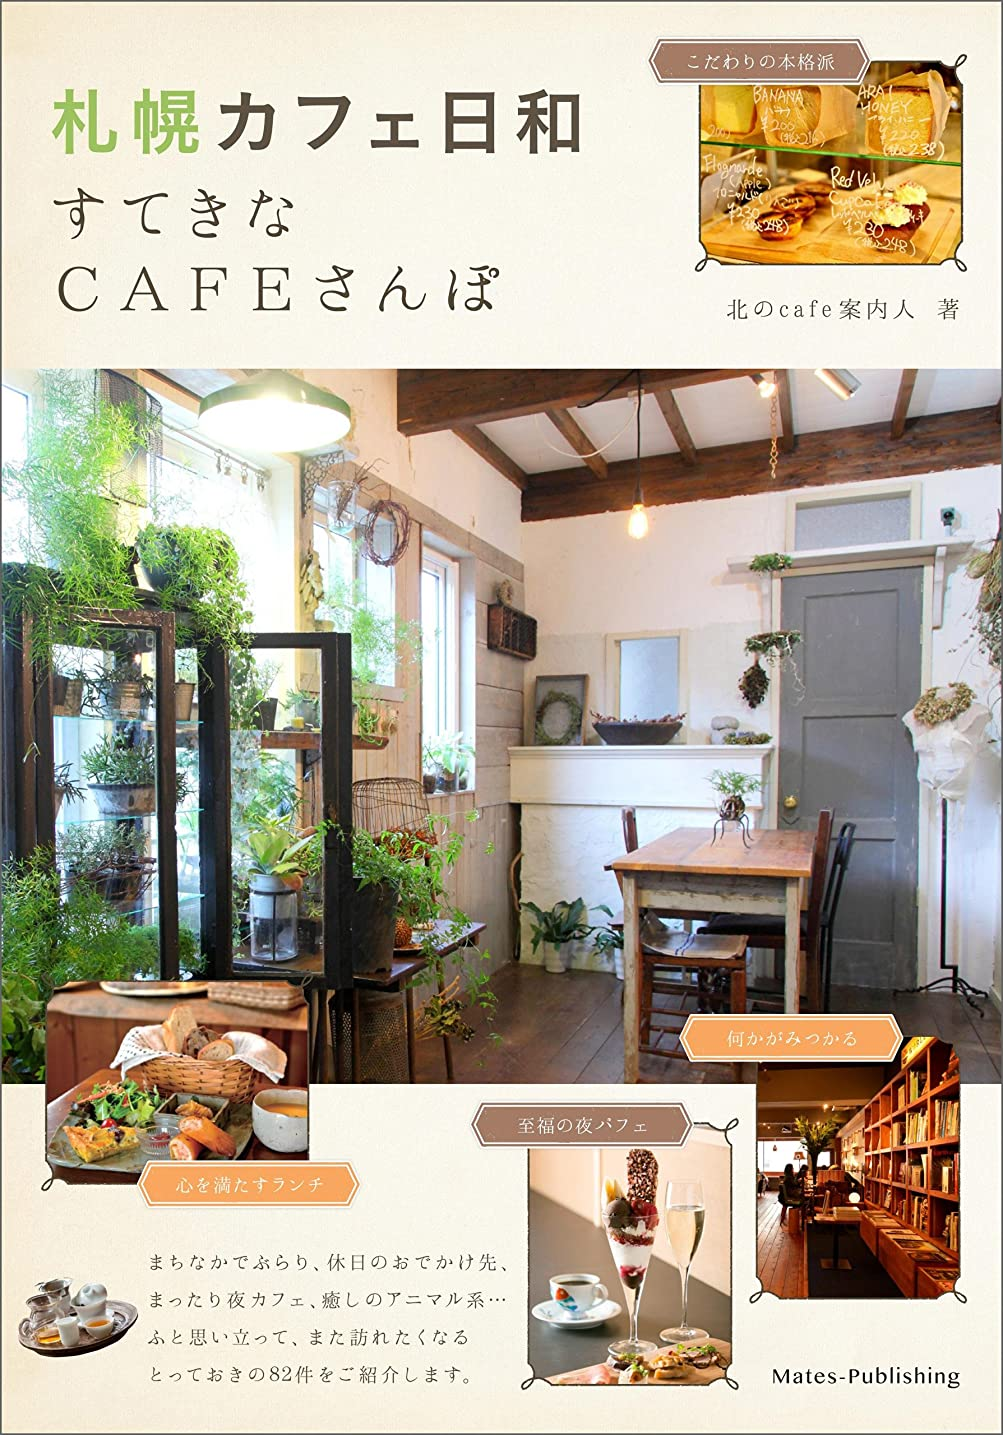 虎まだ信じられない札幌 カフェ日和 すてきなCAFEさんぽ